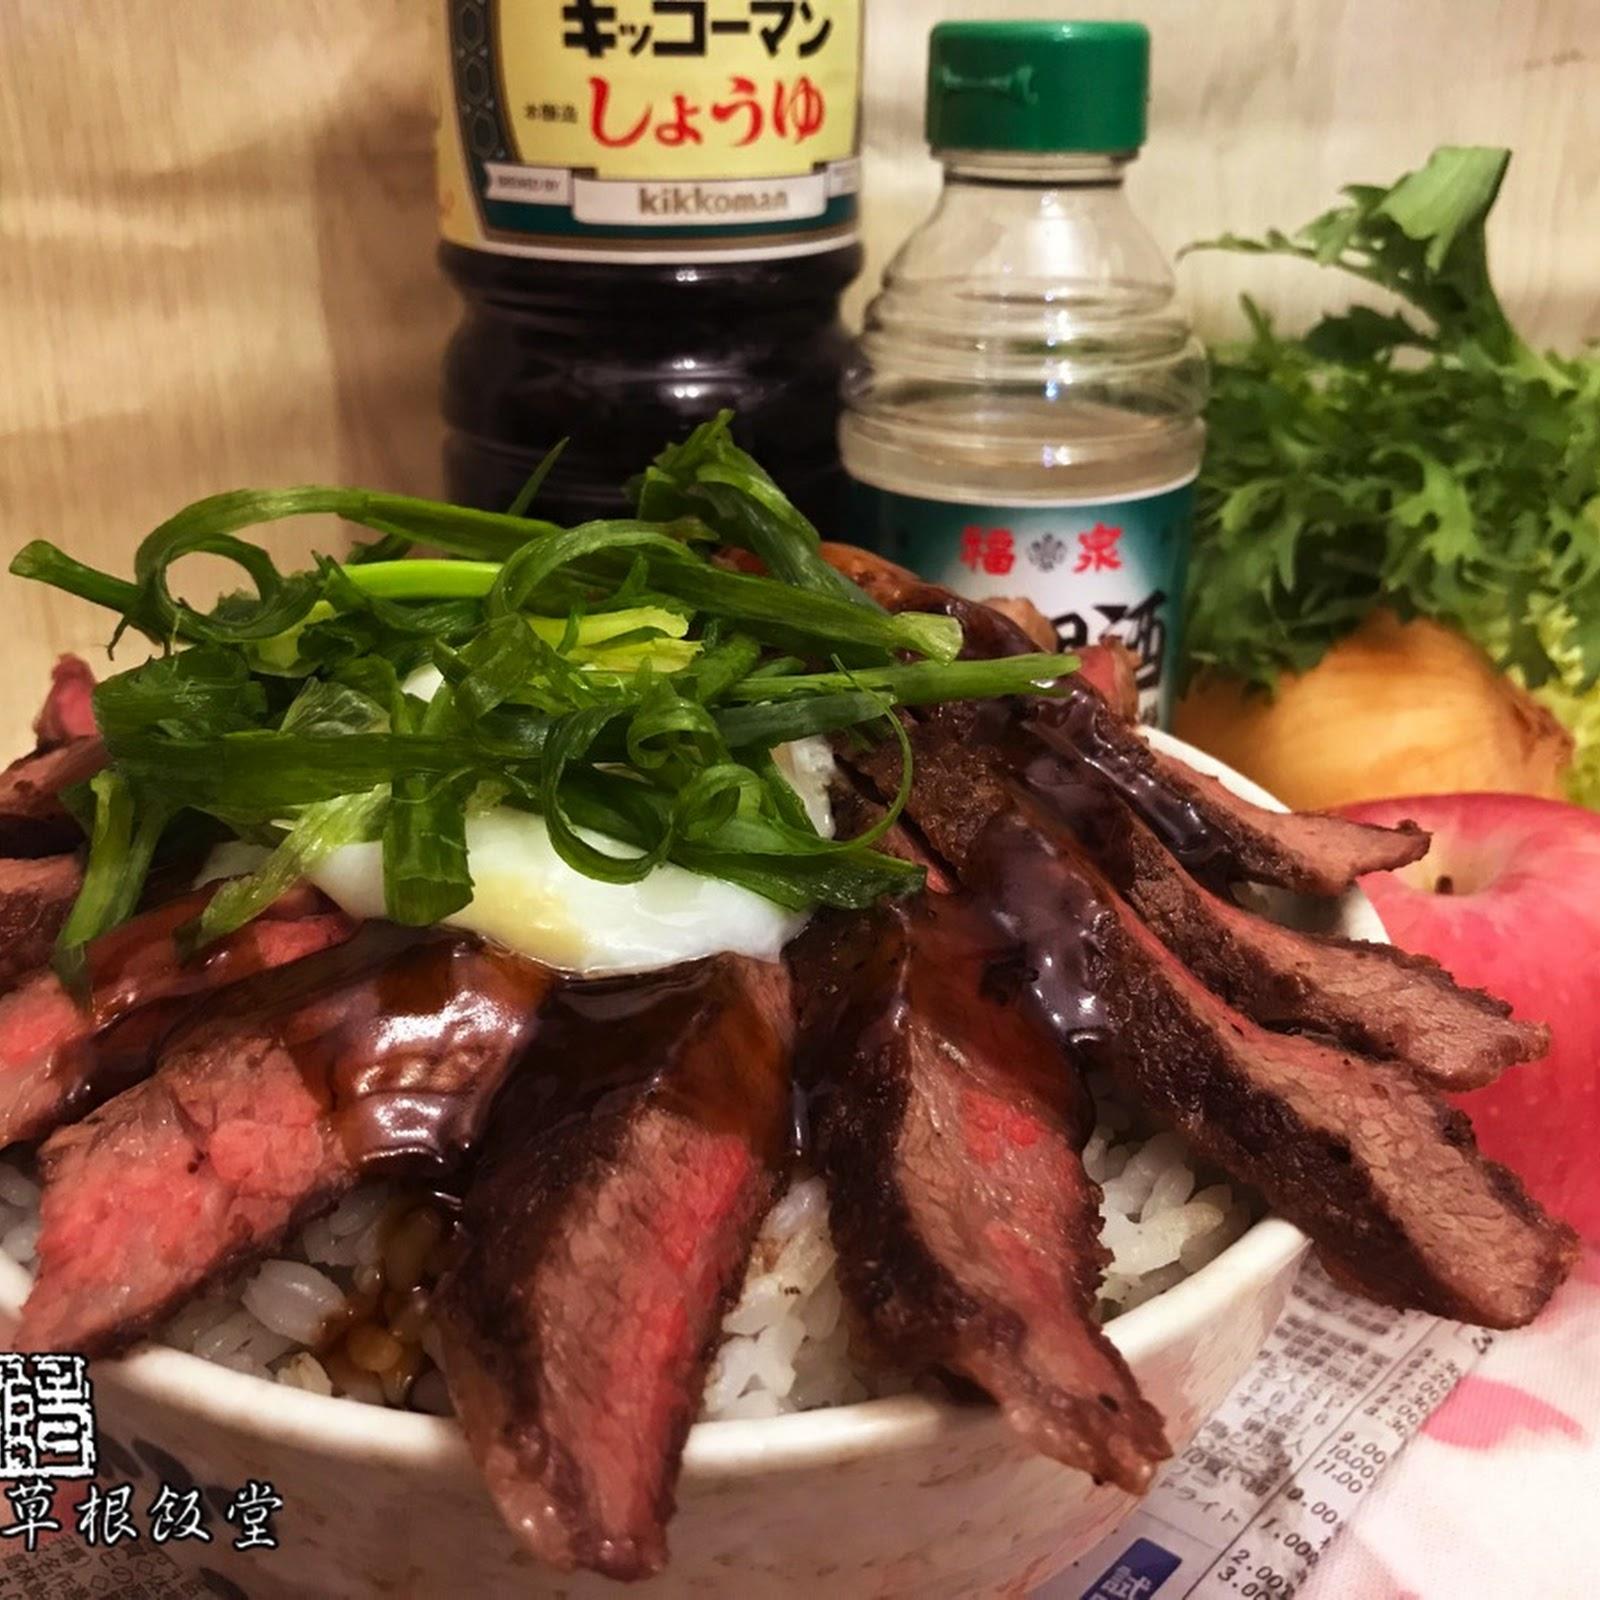 照燒牛小排丼配溫泉蛋 Teriyaki Steak Donburi 【老娘的草根飯堂】